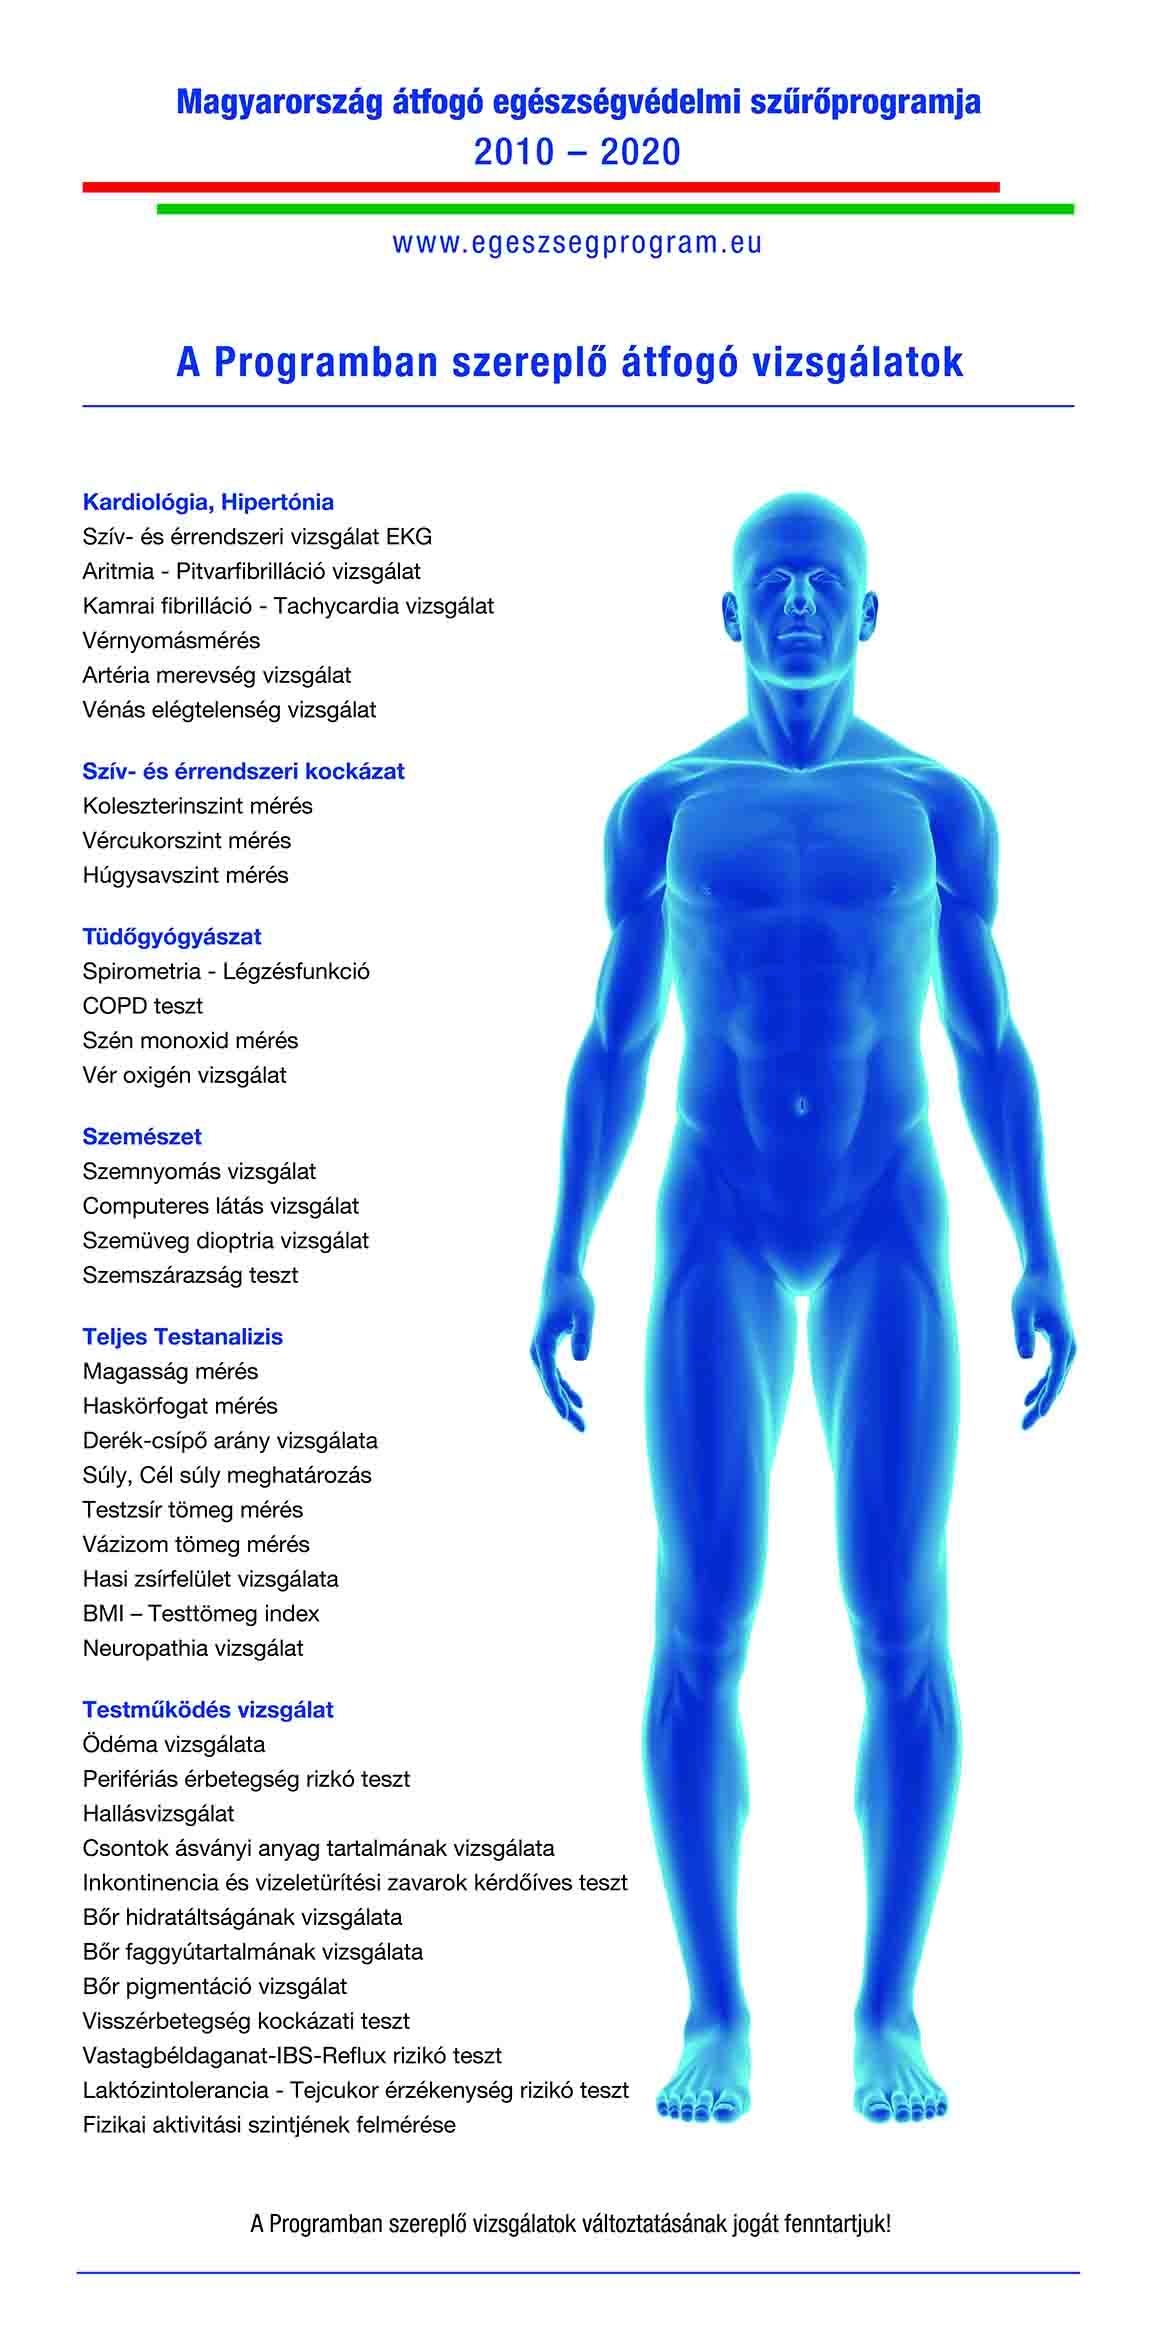 A szívritmuszavarok (arrhythmiák) típusai